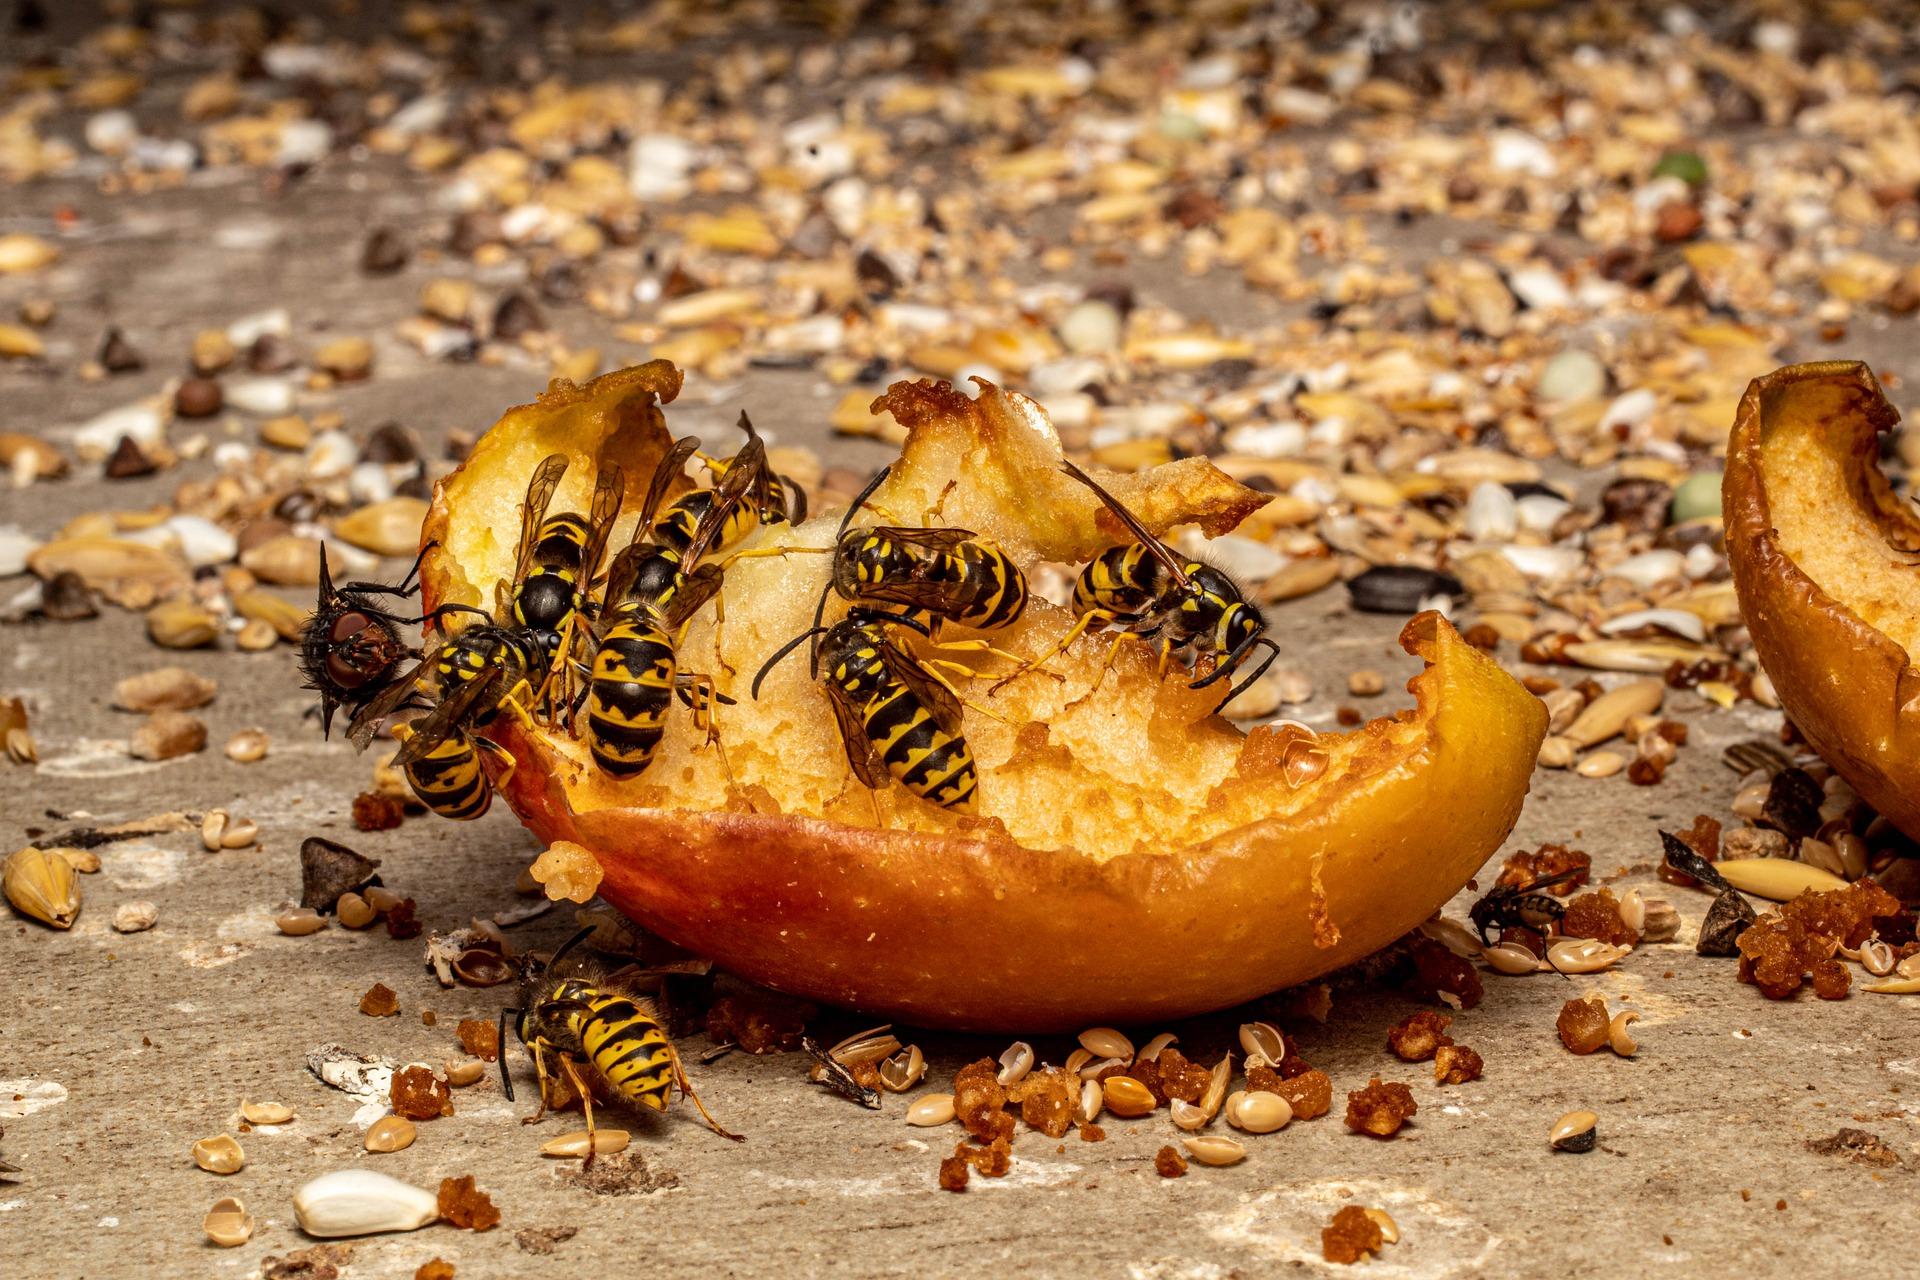 Wespen fallen über einen Apfelrest her, der auf dem Boden liegt.